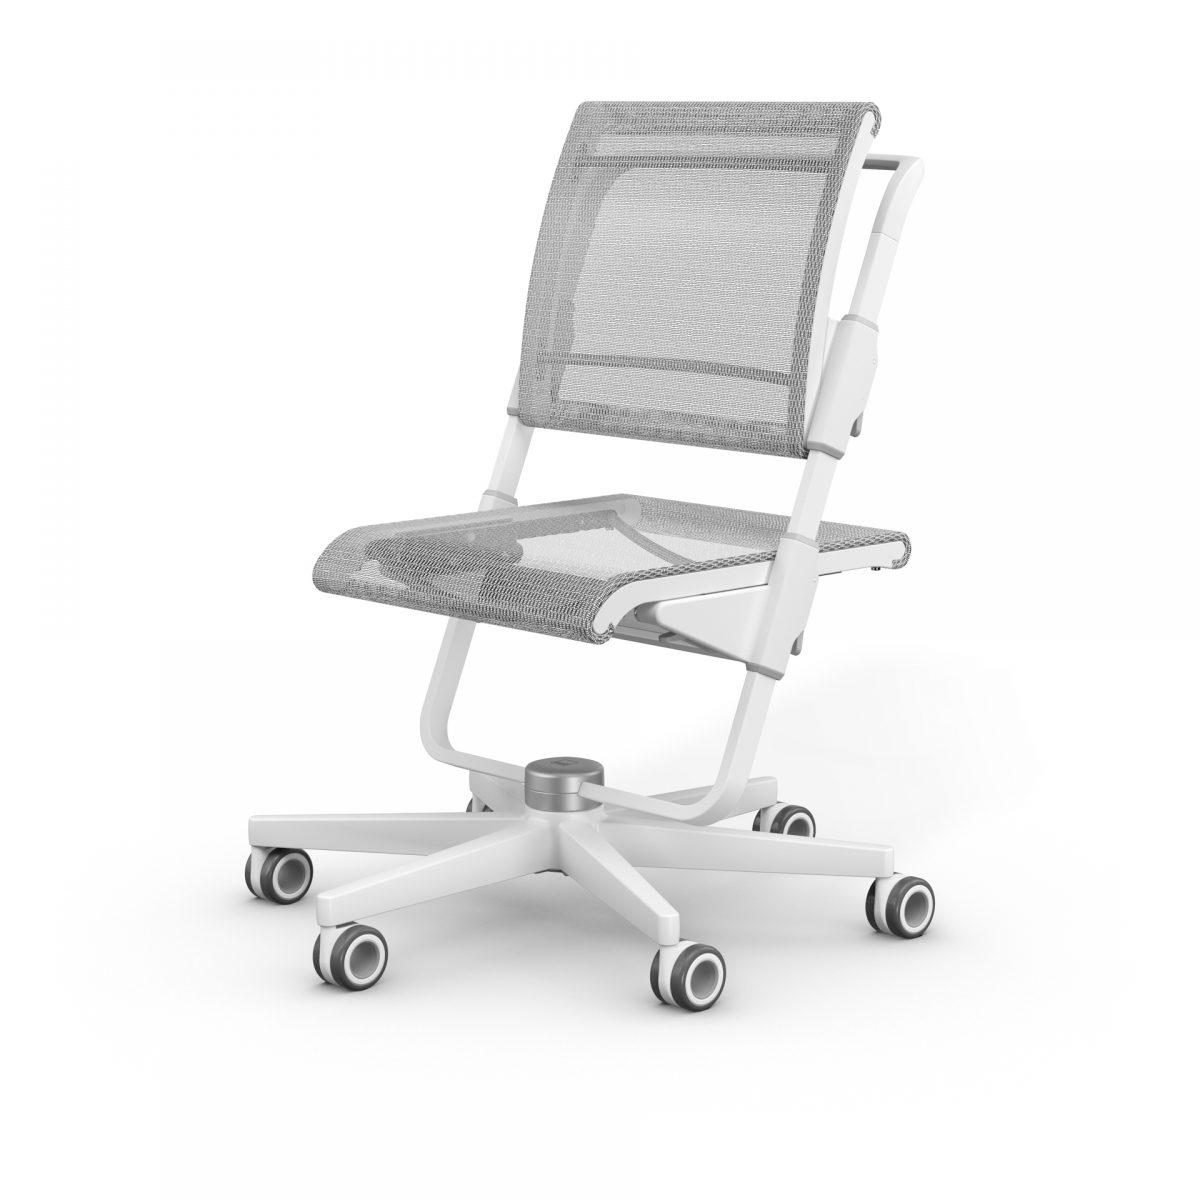 Luxusni rostouci zidle Moll S6 6 - Delso - dětský, kancelářský a bytový nábytek